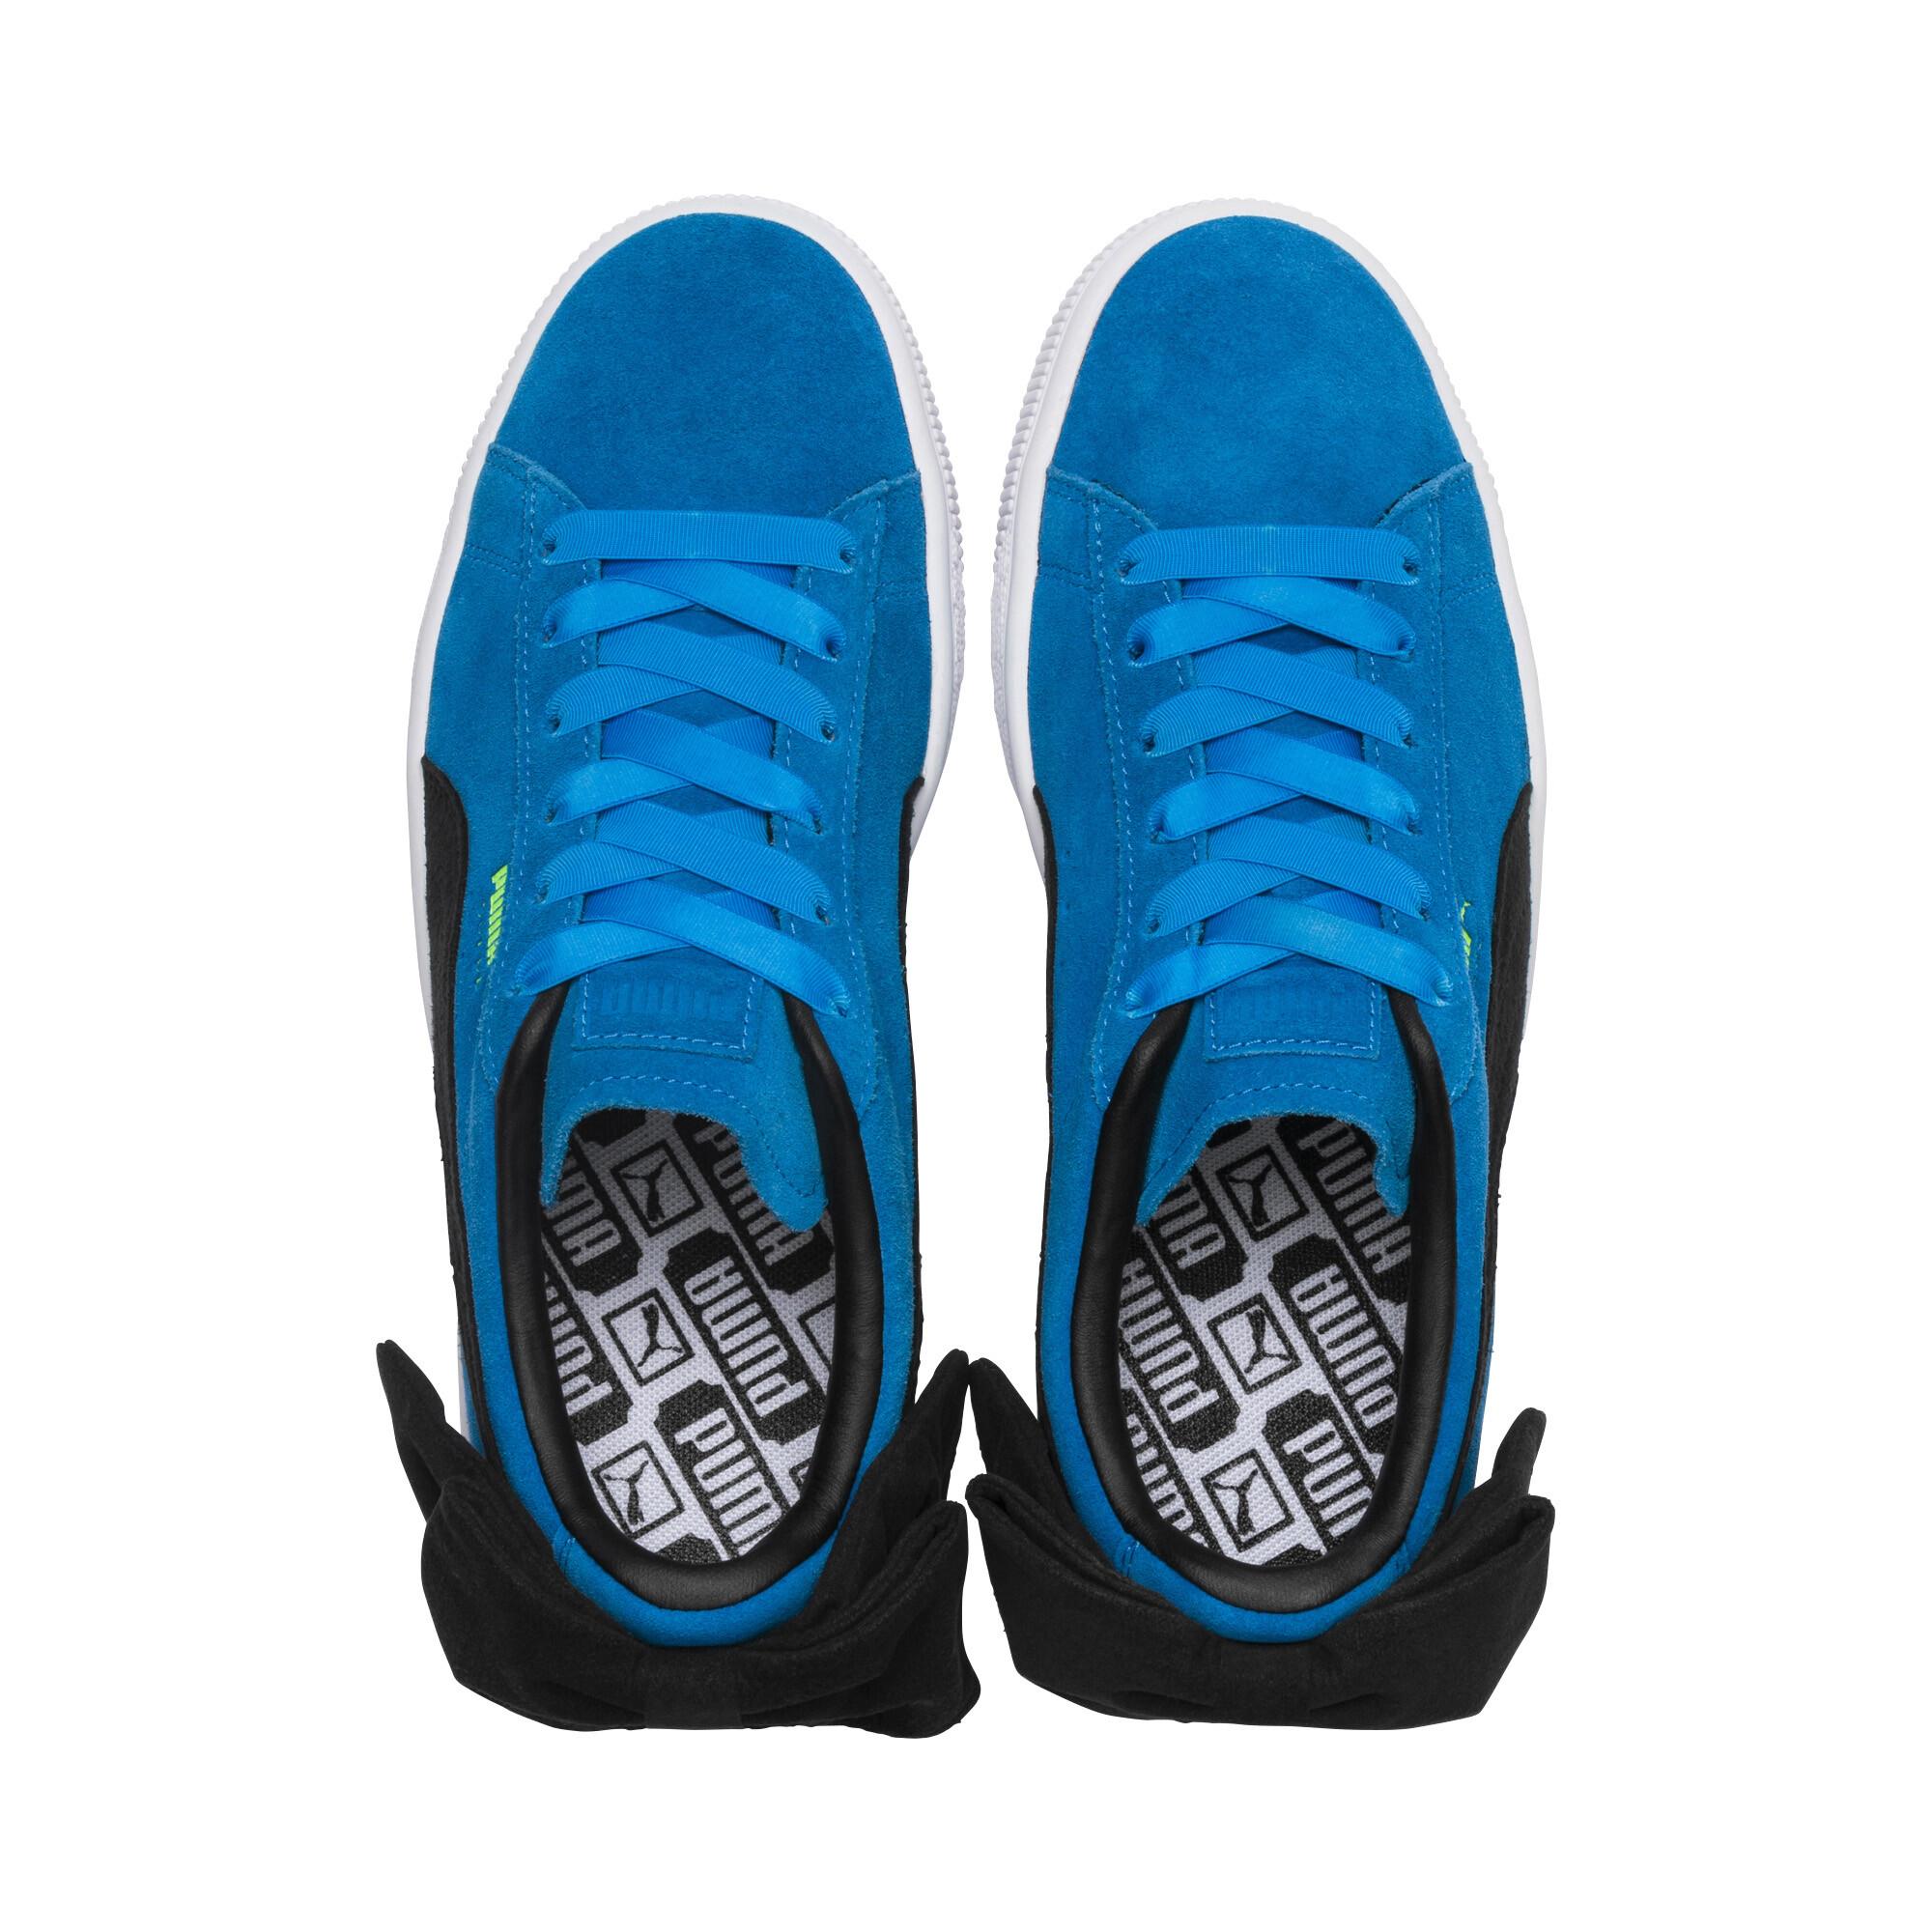 PUMA-Suede-Bow-Block-Damen-Sneaker-Frauen-Schuhe-Sport-Classics-Neu Indexbild 13